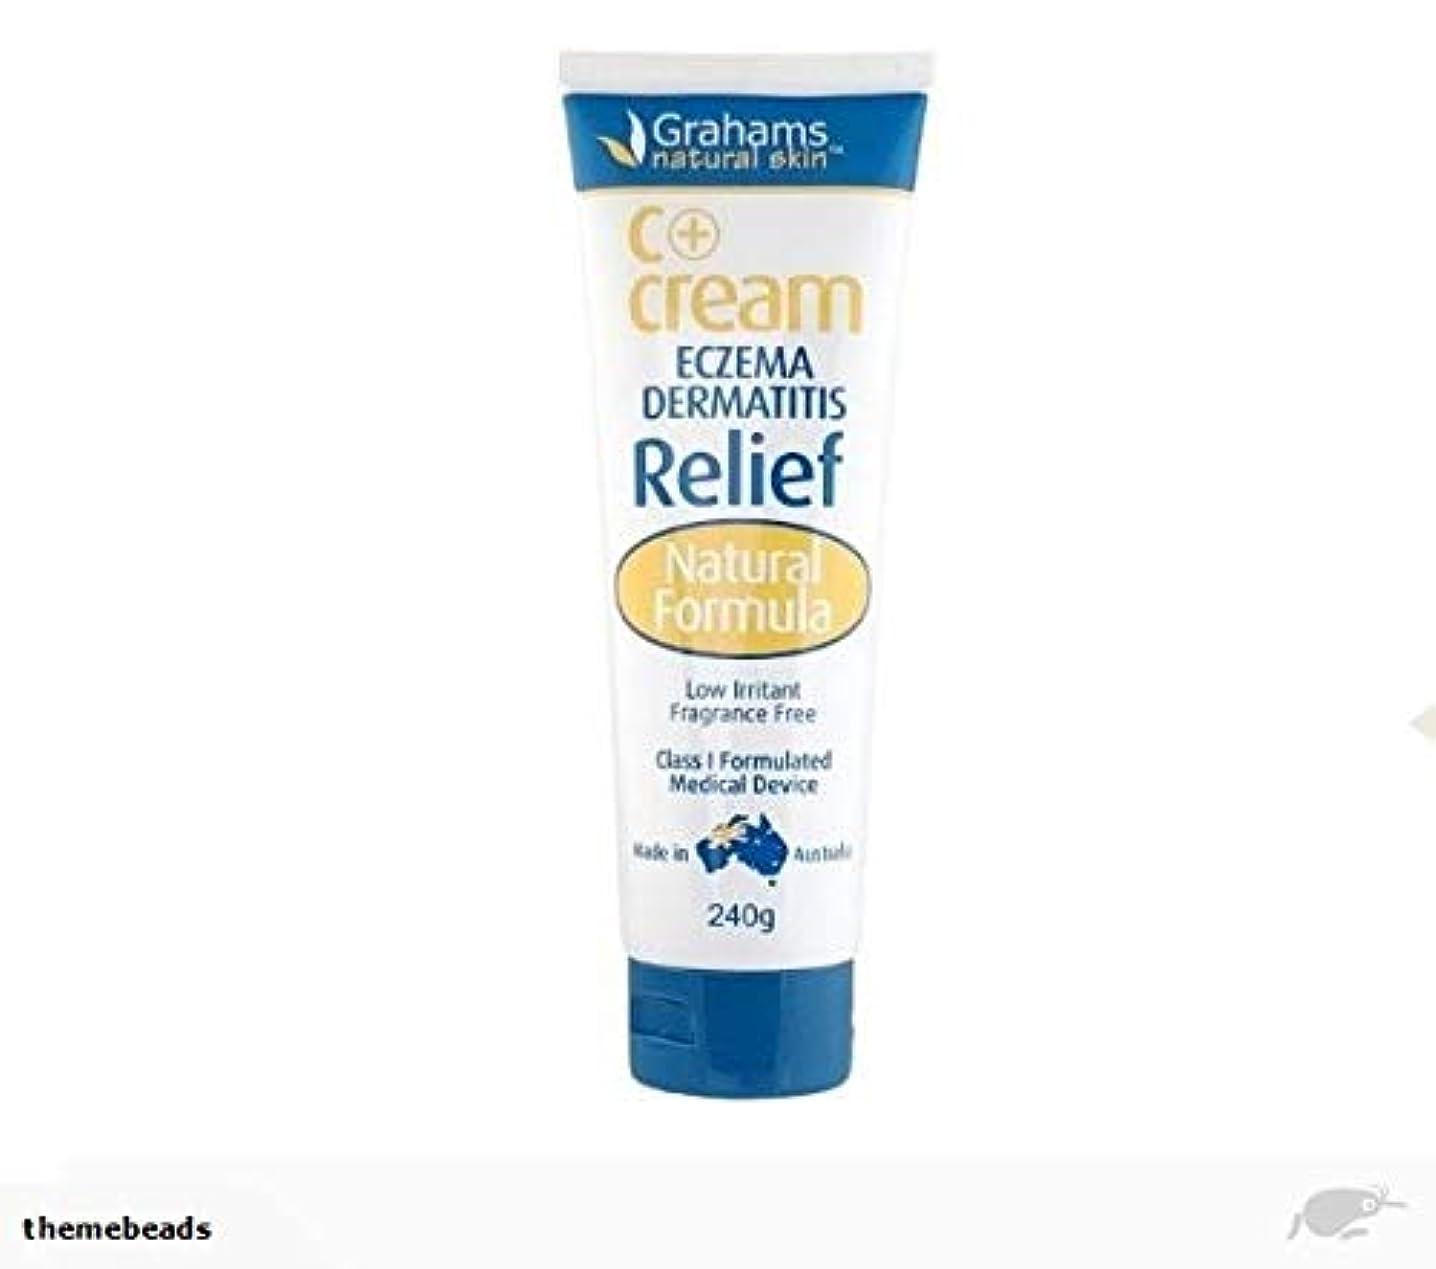 とまり木バラバラにする矢じり[Grahams] 湿疹 かぶれ肌に C+クリーム 無香料 低刺激 (C+ Cream ECZEMA DERMATITIS Relif) 240g [海外直送品]